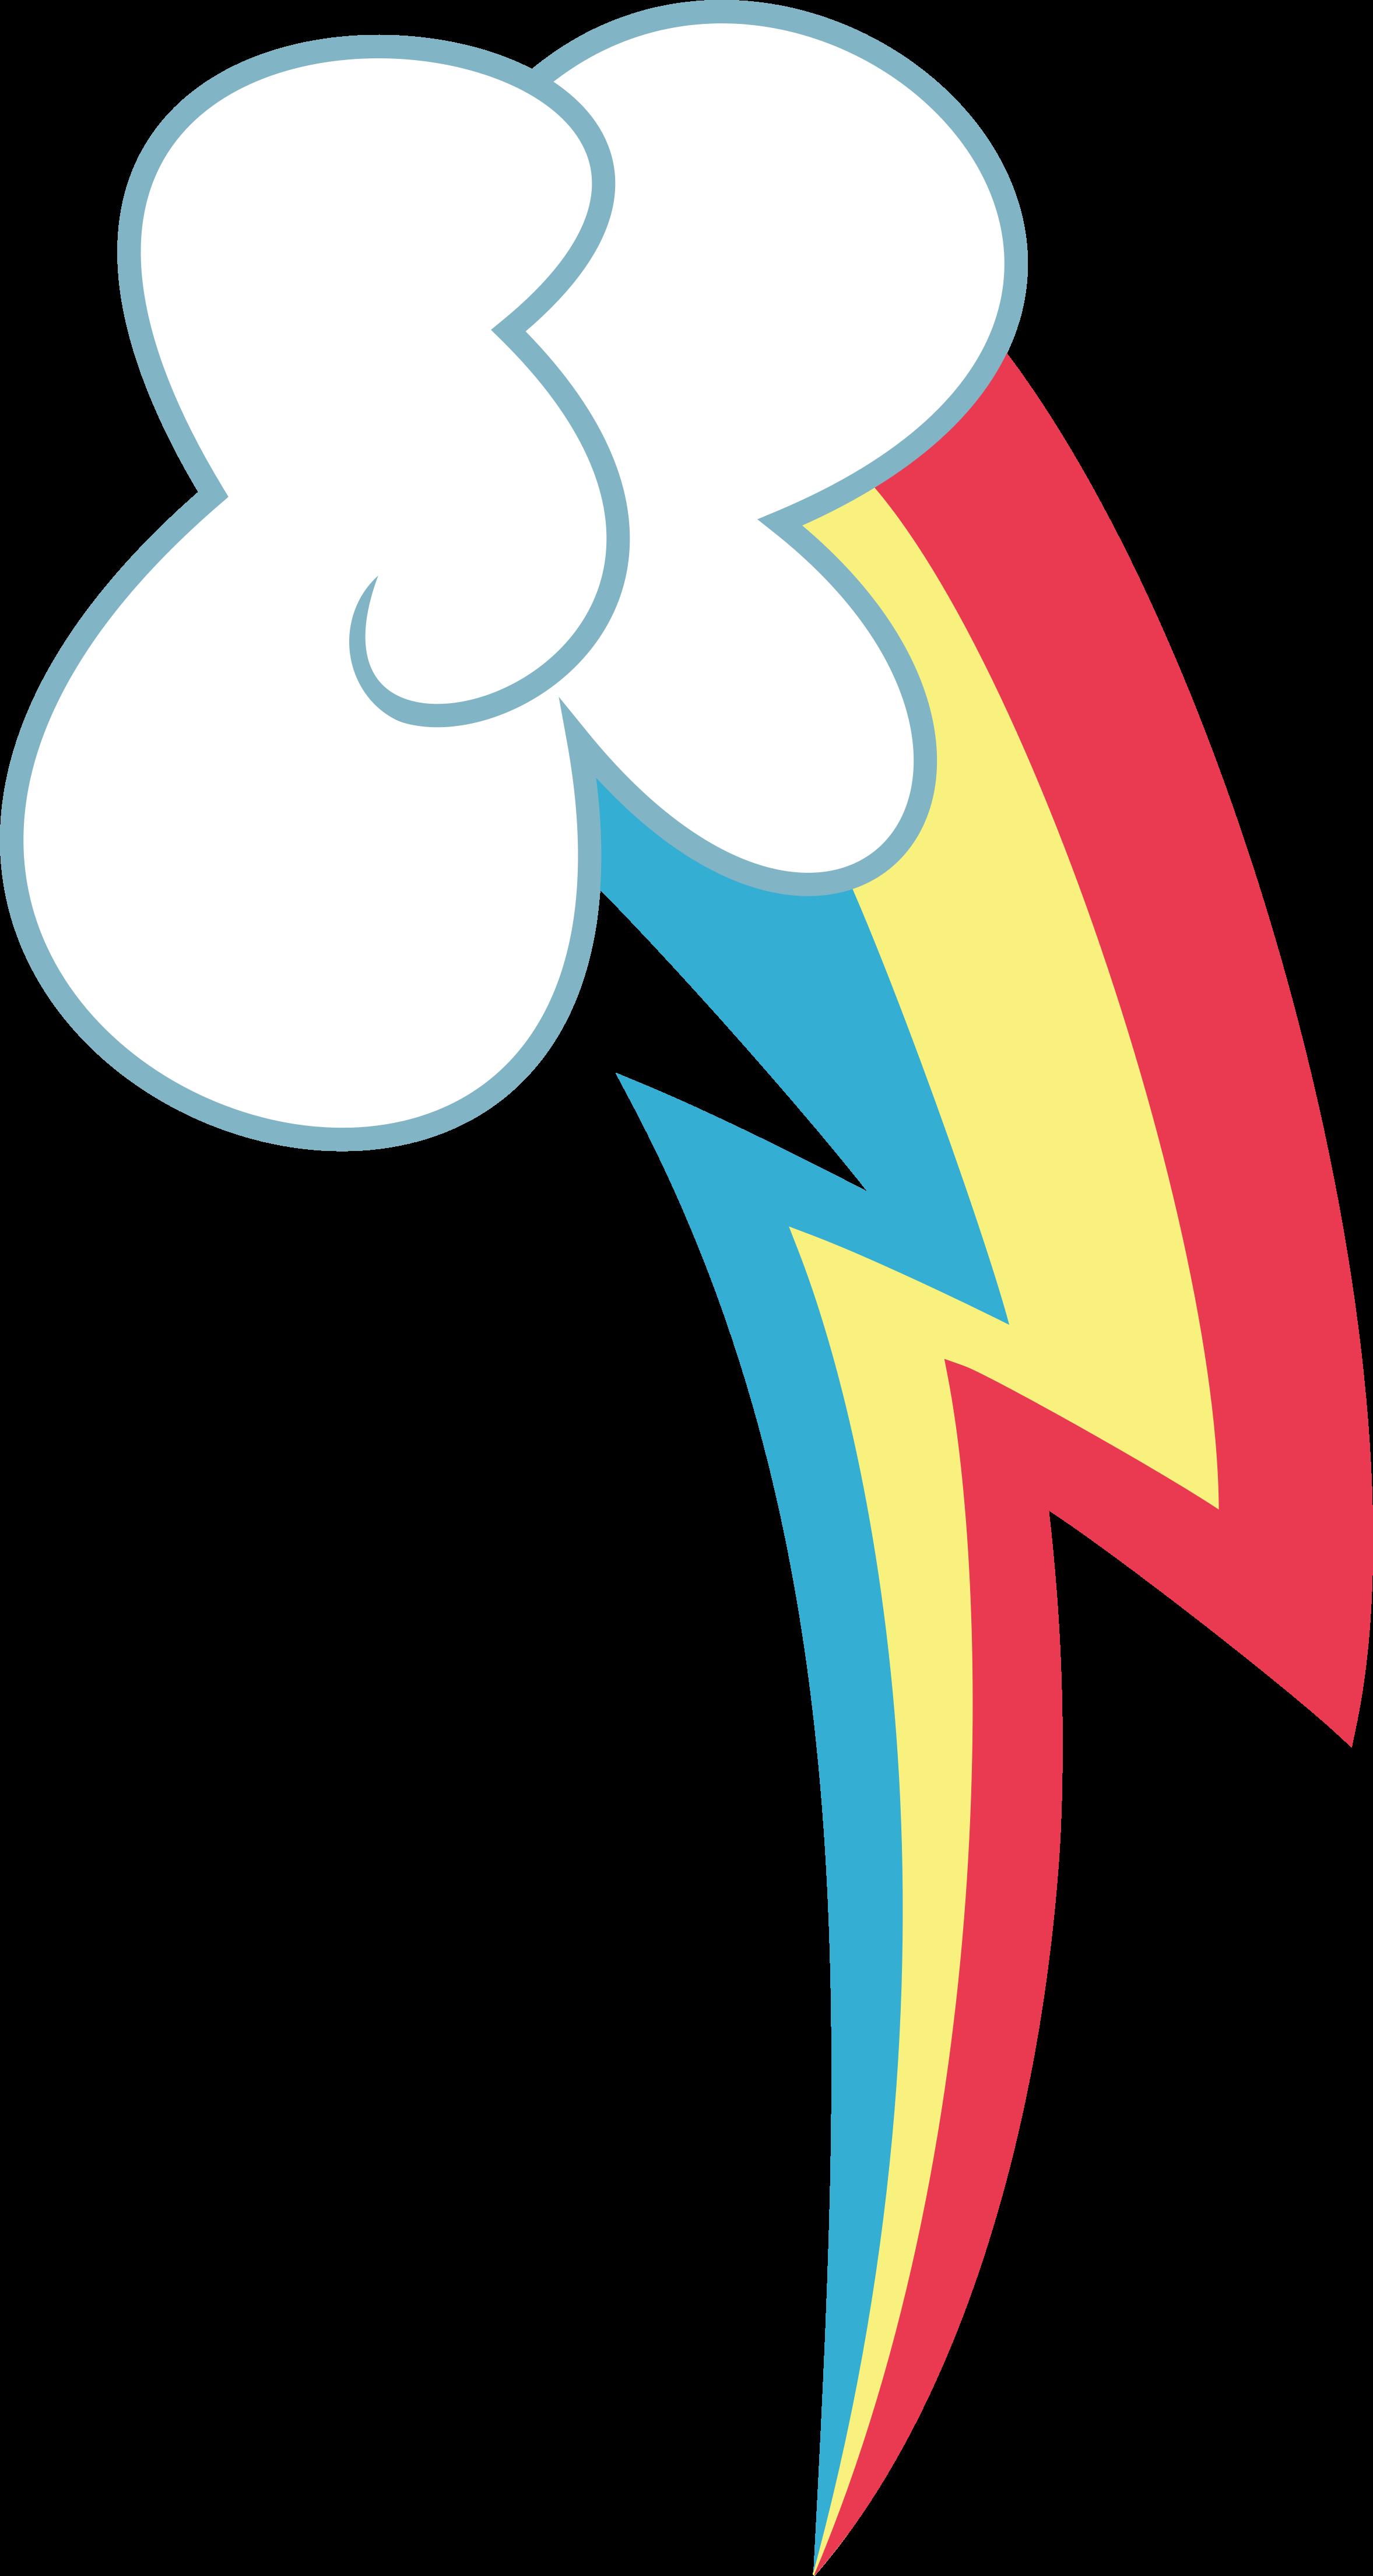 Rainbow Dash's Cutie Mark by BlackWater627 on DeviantArt